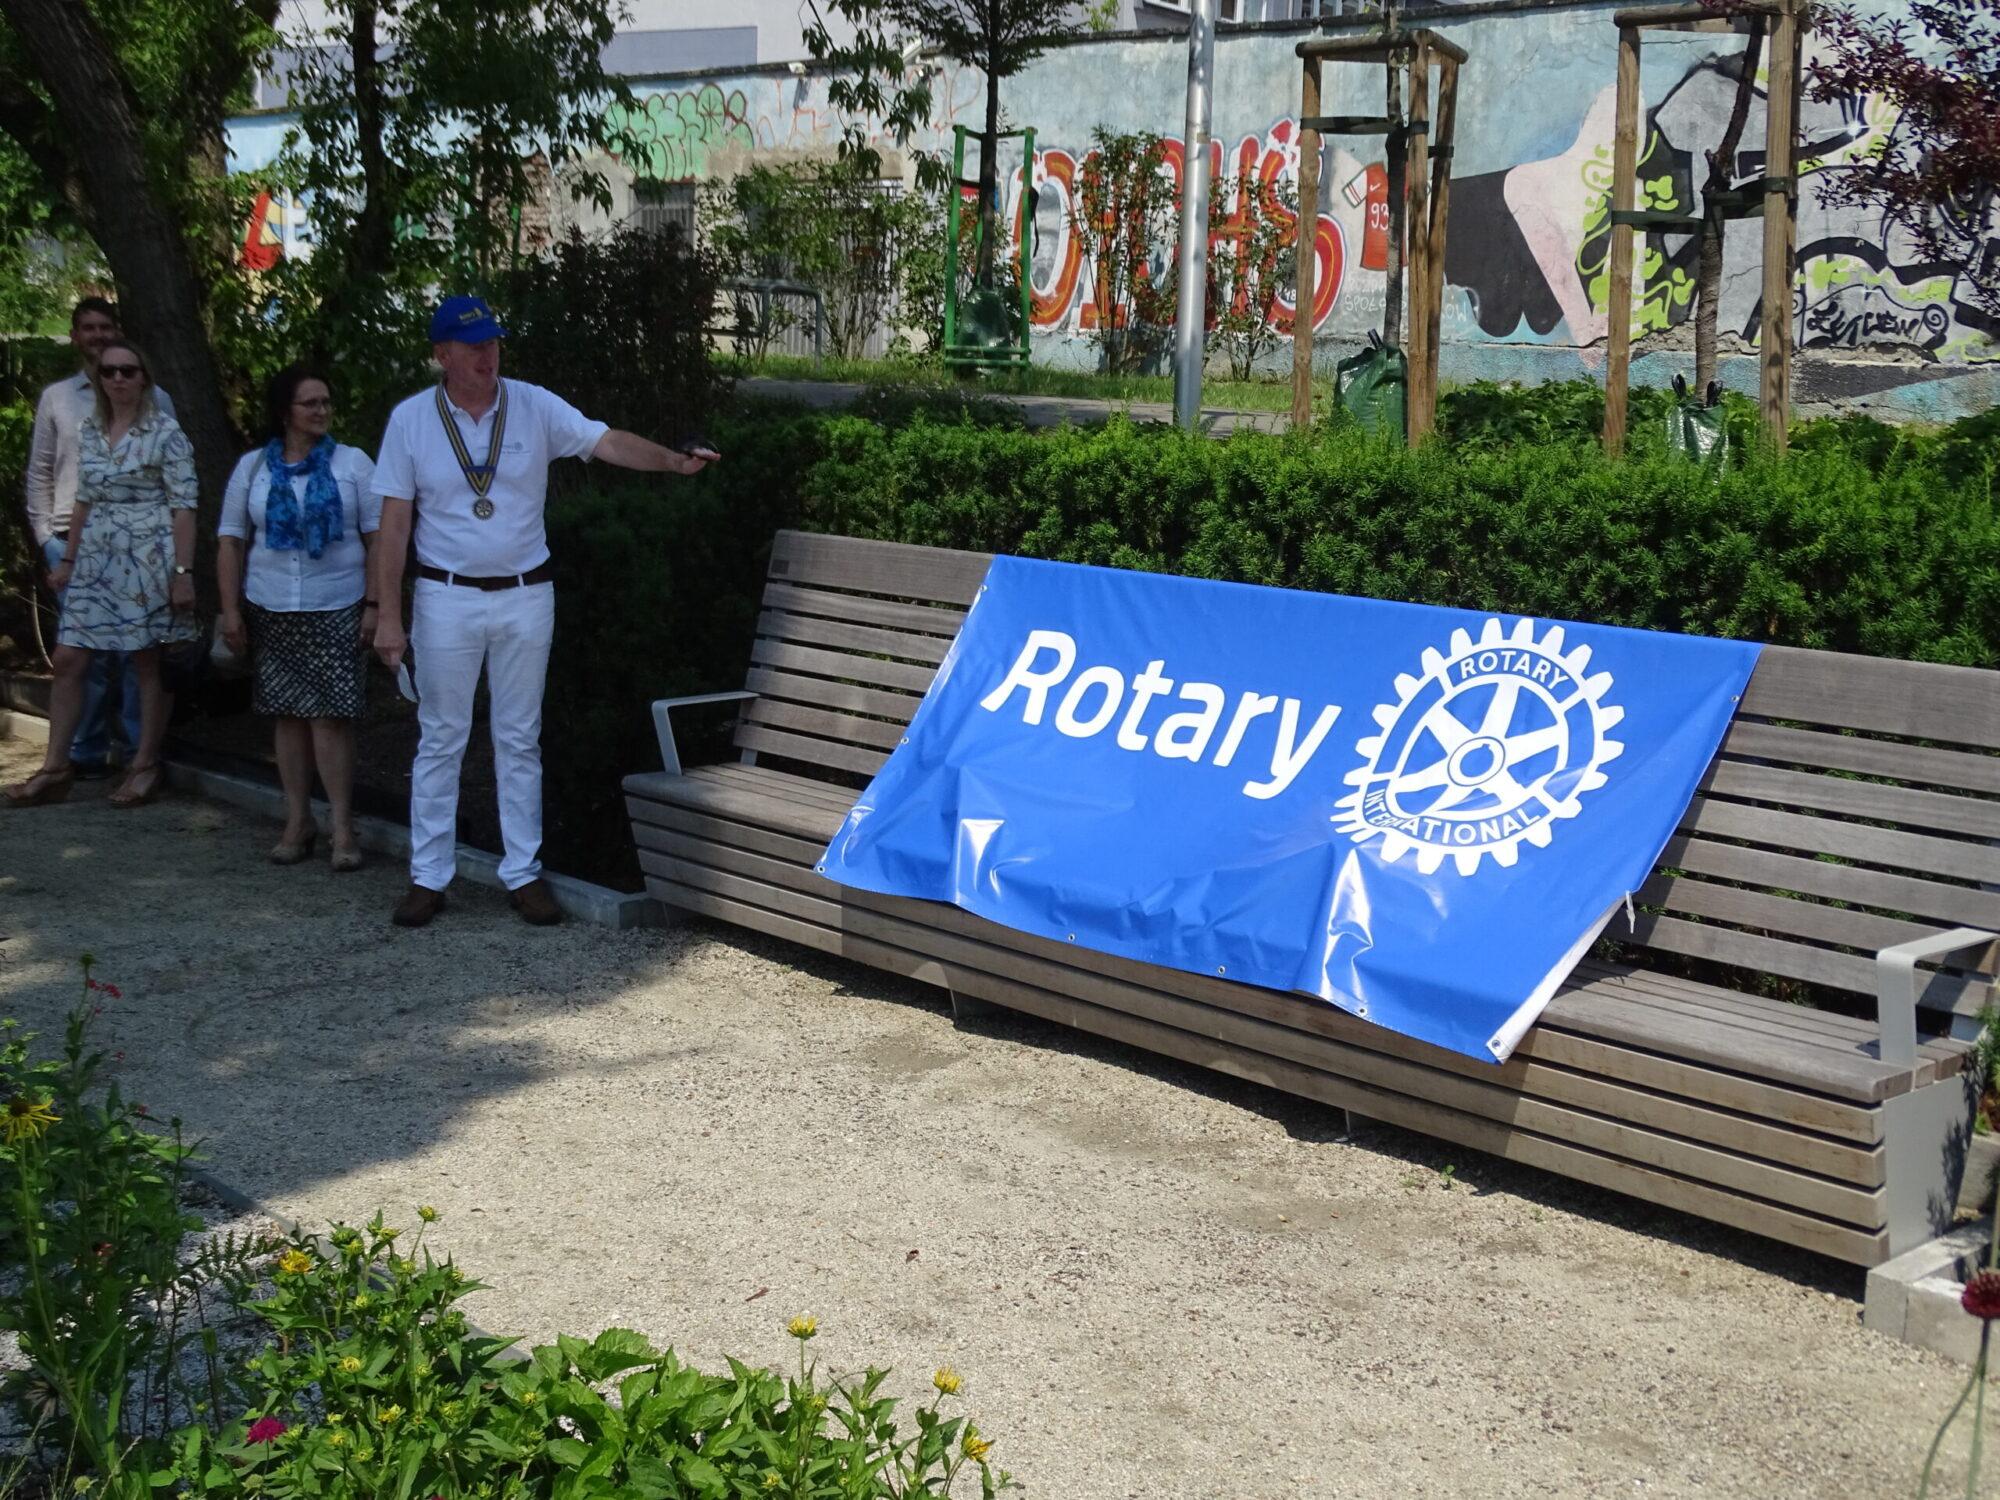 Rotarische Gemeinschafts-Spende in den Deutsch-Polnischen Gärten in Warschau